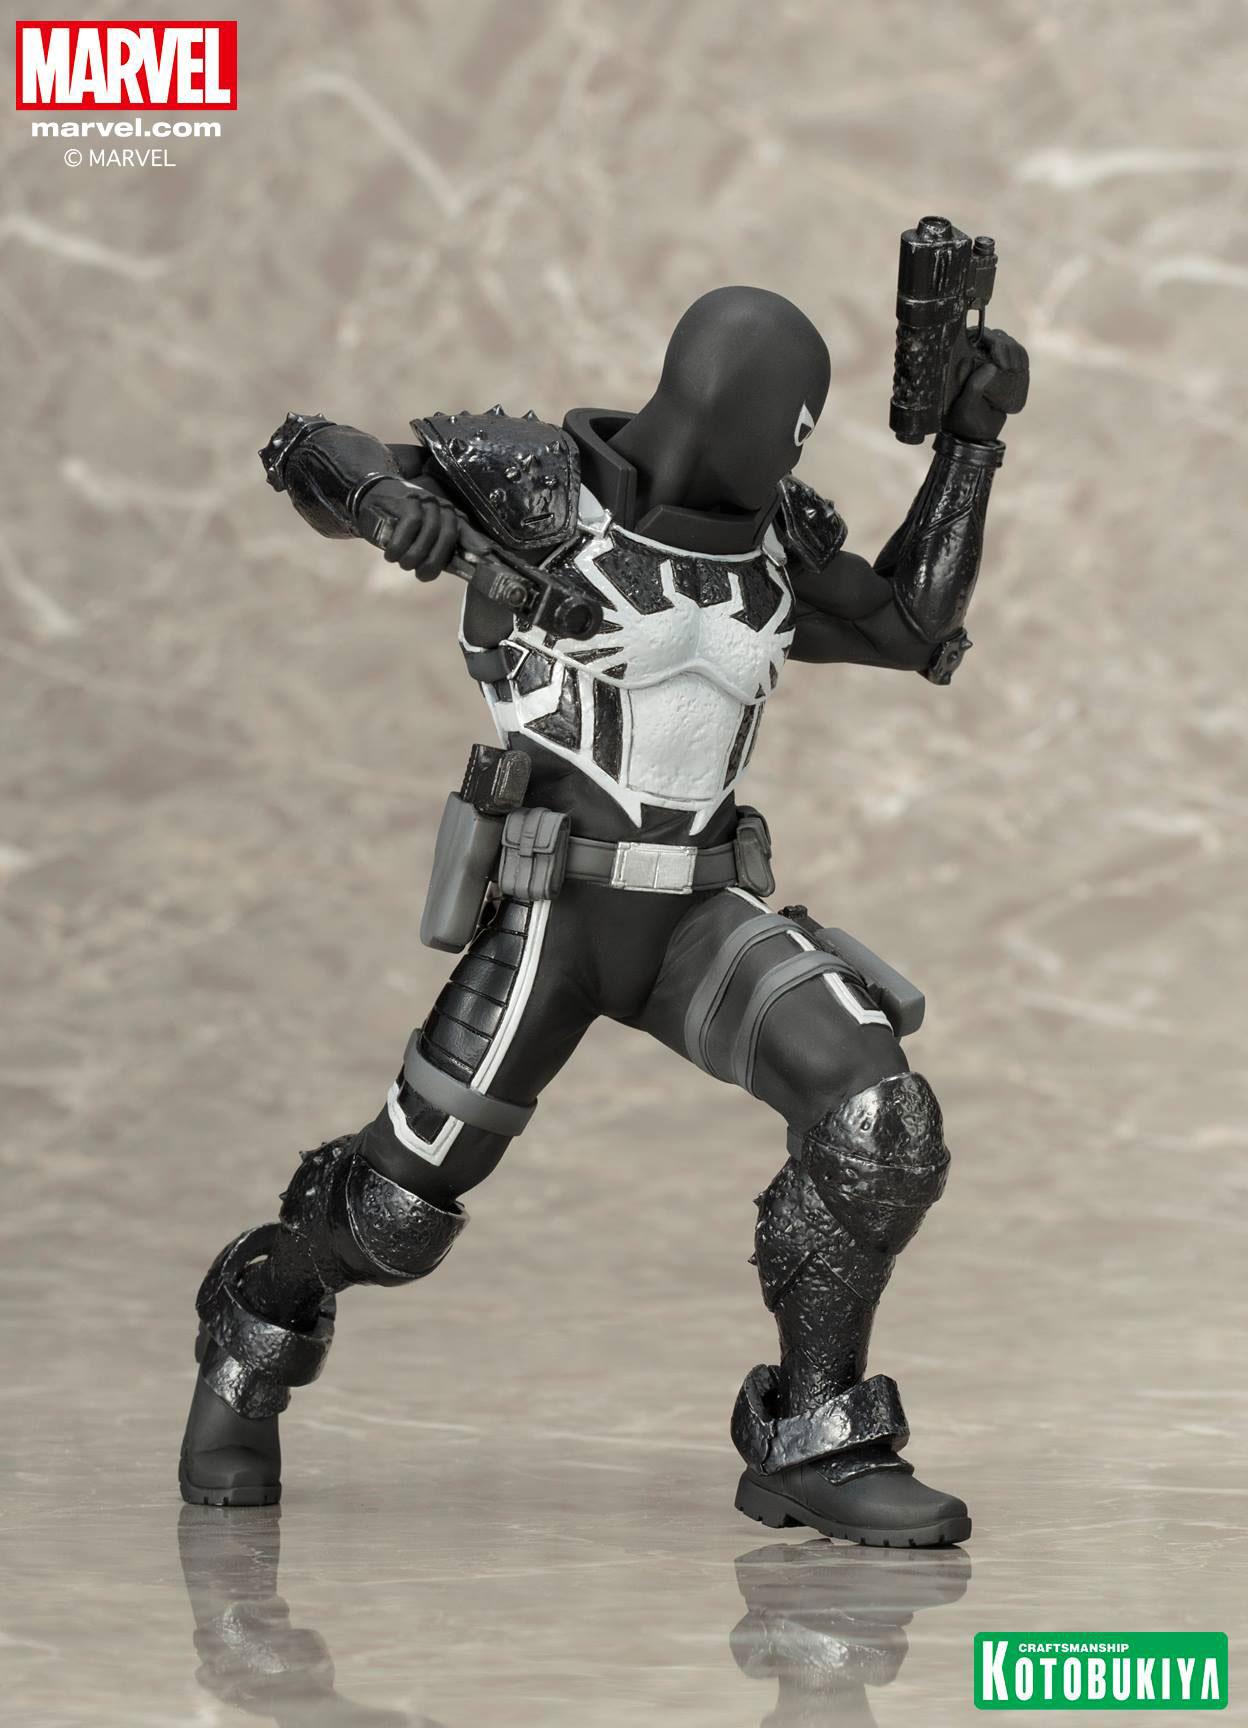 kotobukiya-marvel-agent-venom-statue-5